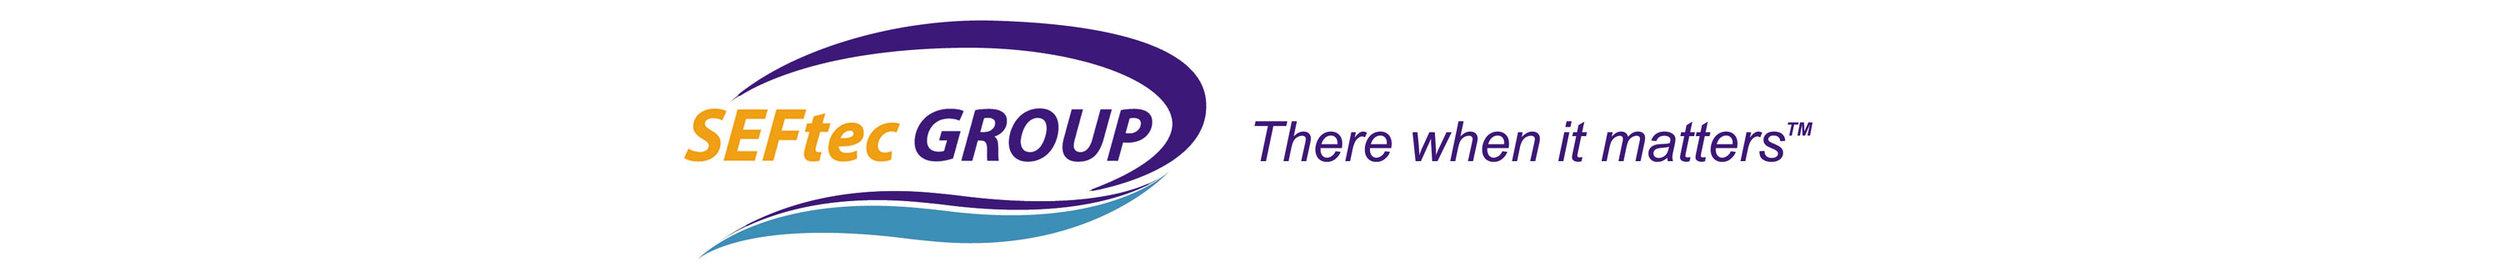 homepage-logo-width.jpg